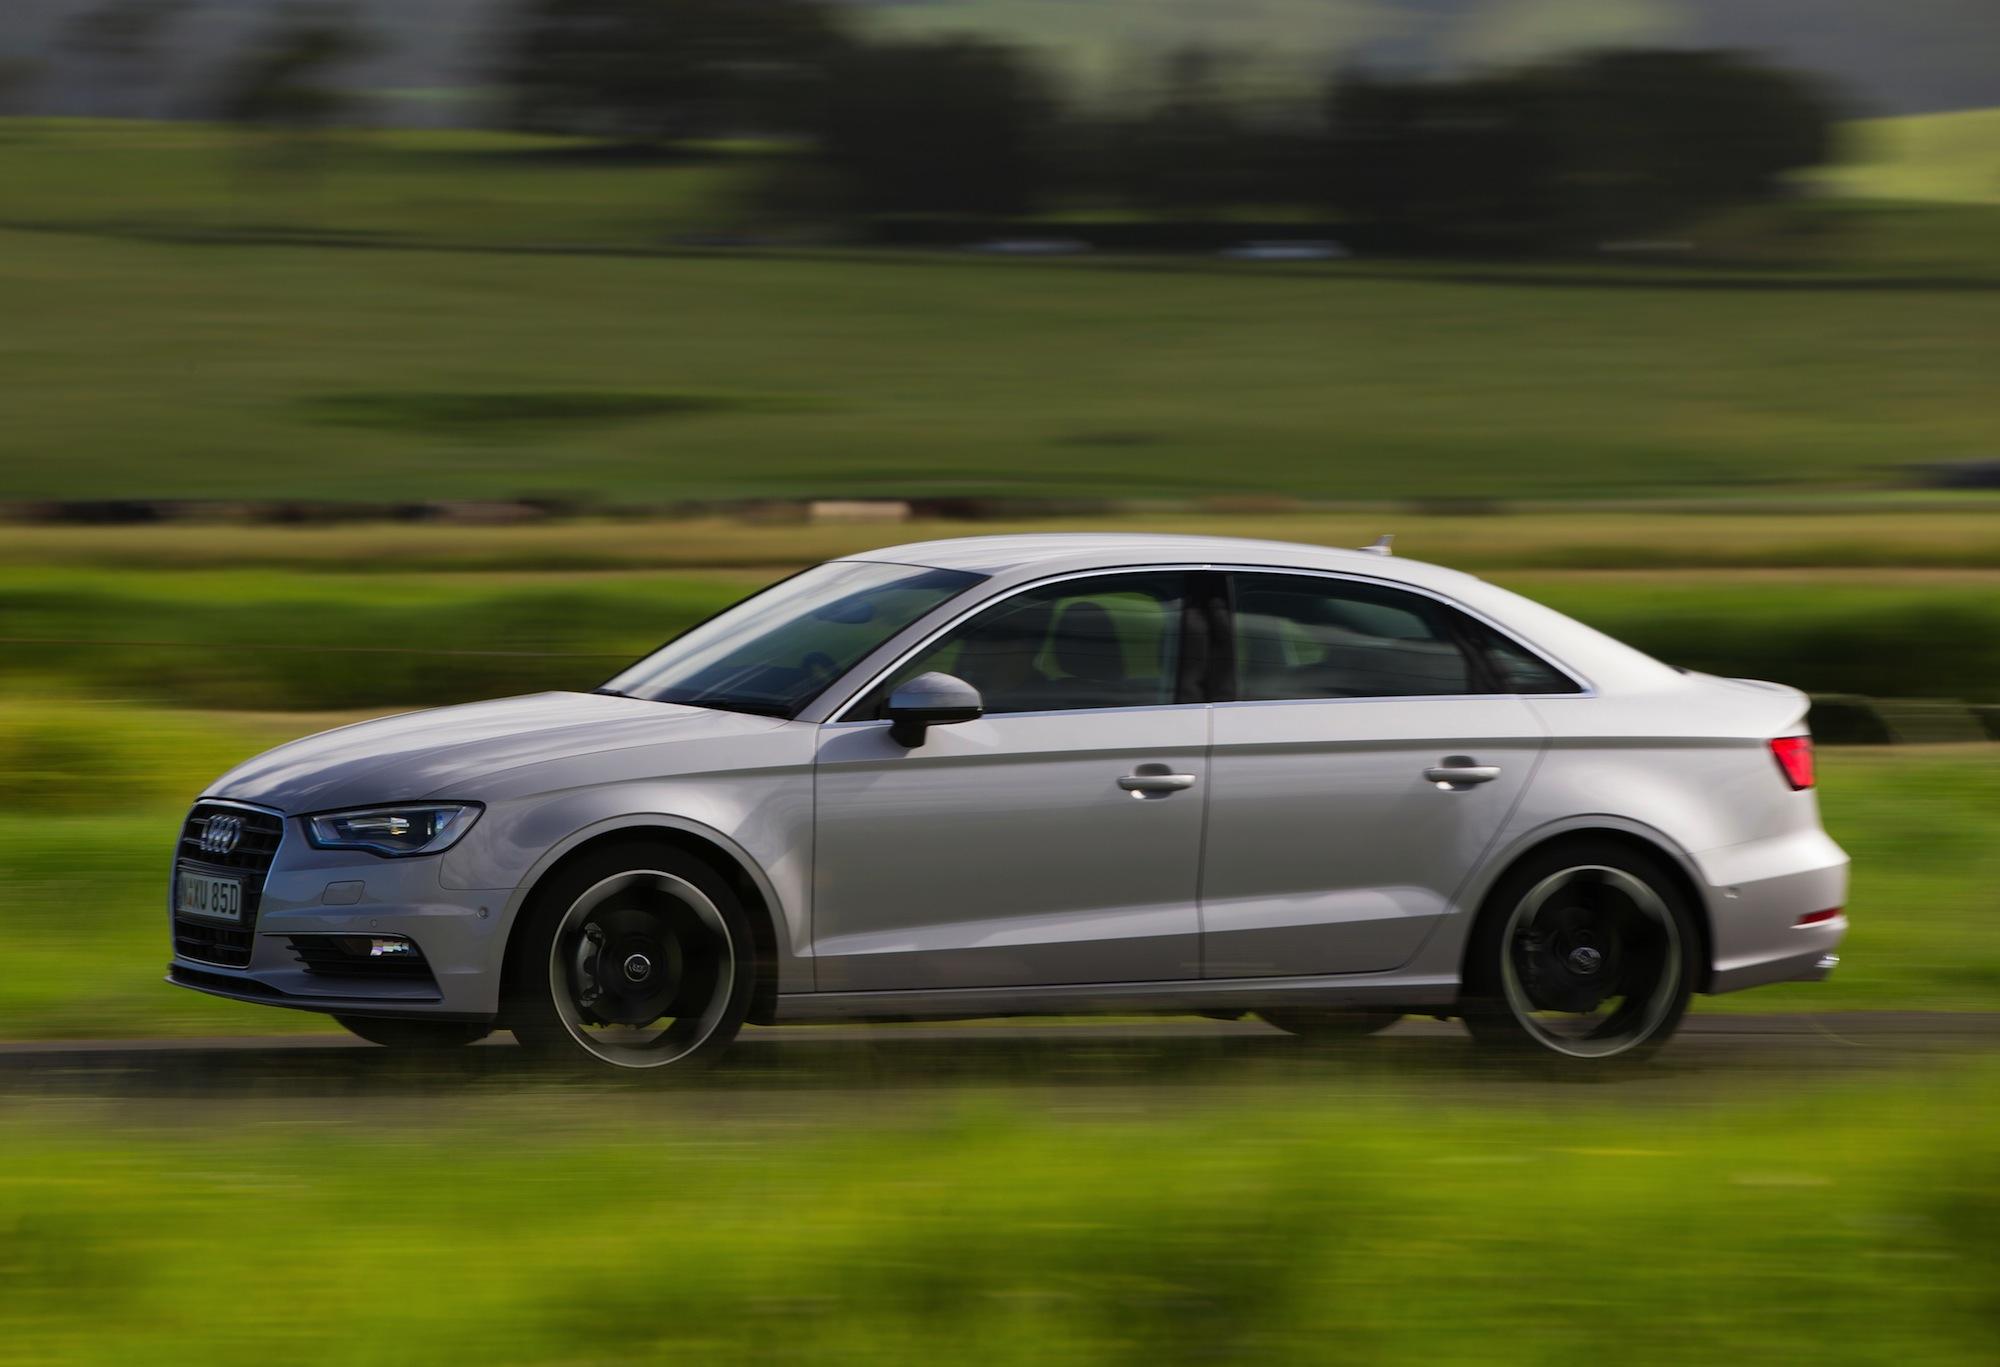 Kekurangan Audi S3 2014 Perbandingan Harga